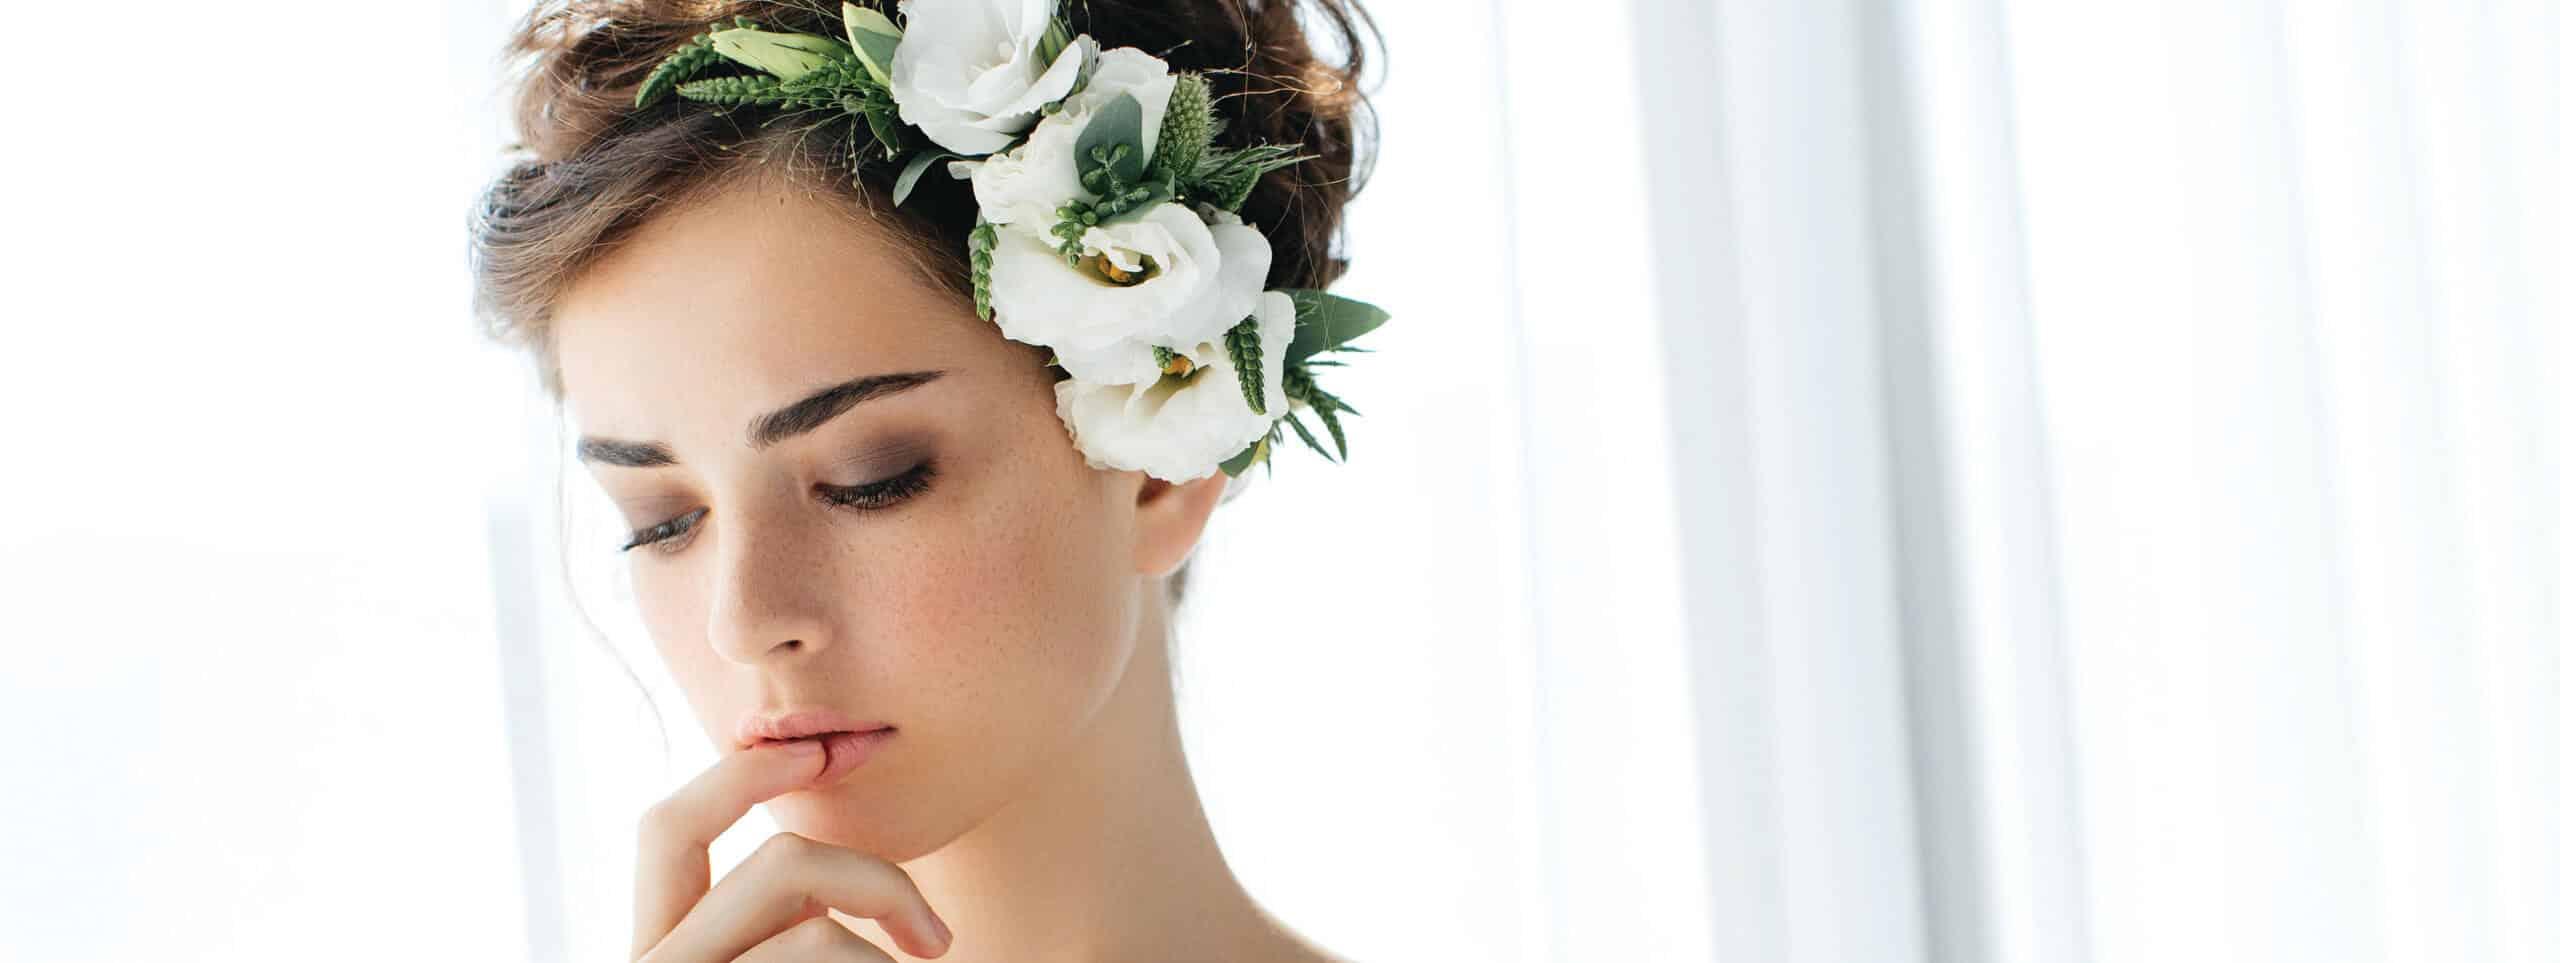 موديلات تسريحات شعر : التسريحات المرفوعة